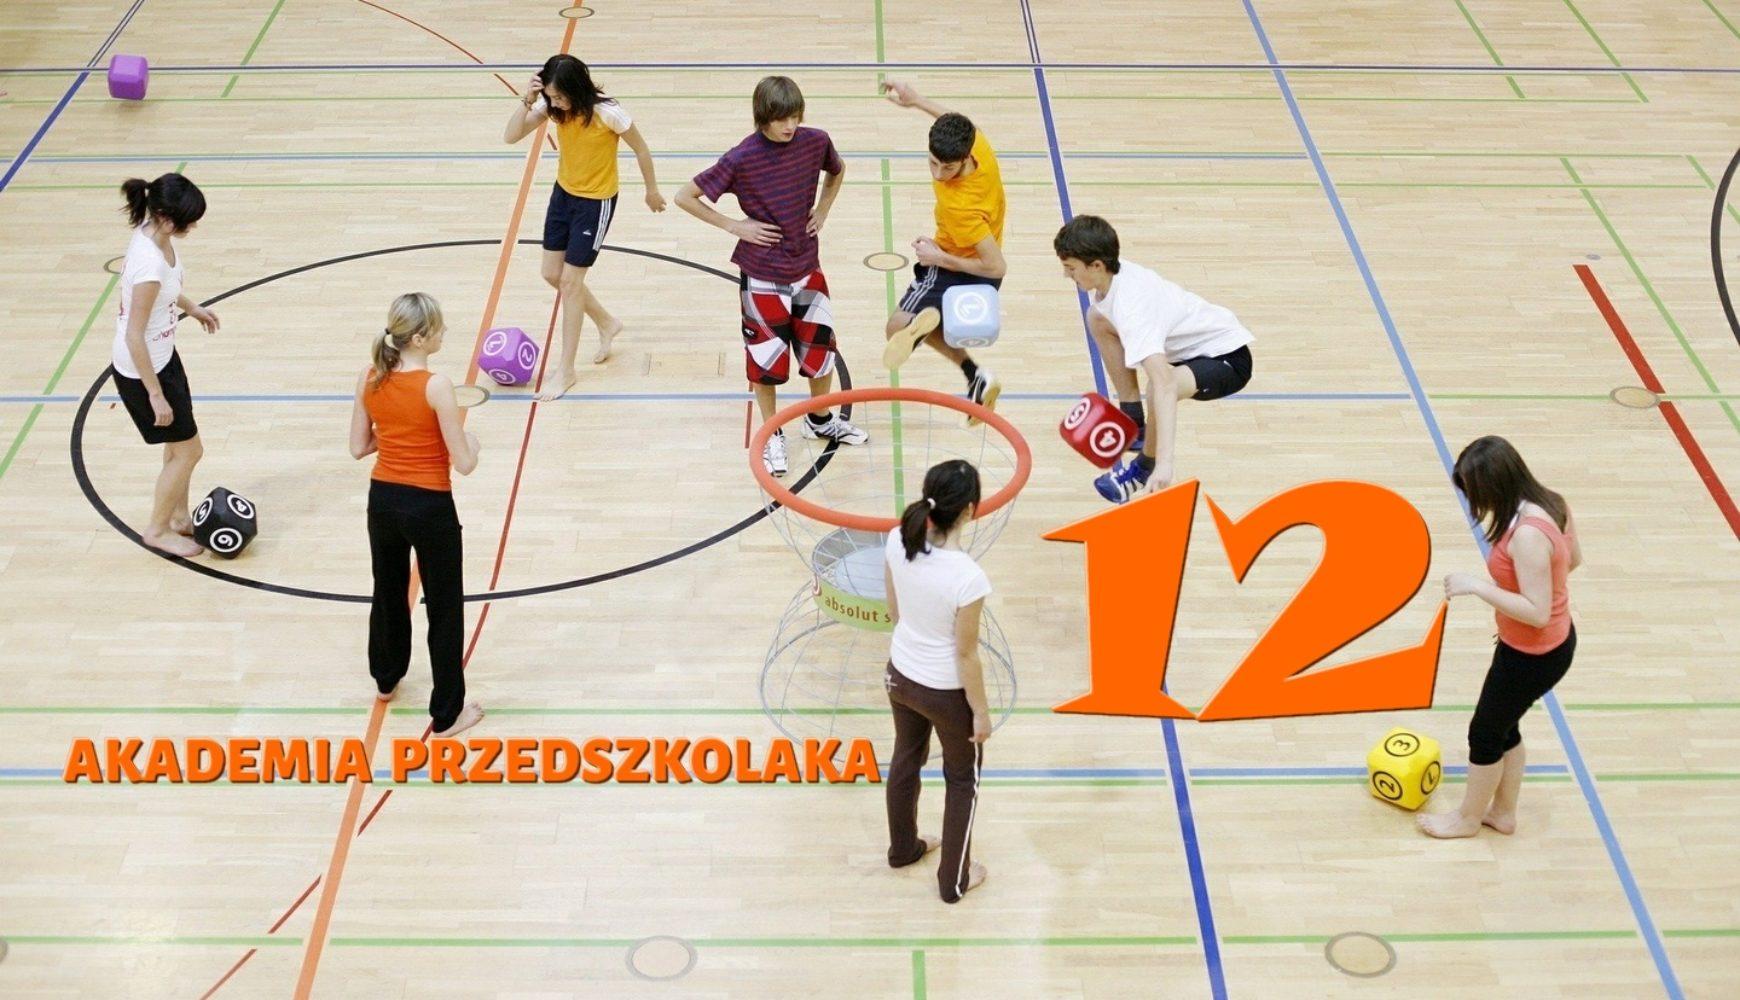 Ćwiczenia domowe – 12 – Akademia Przedszkolaka